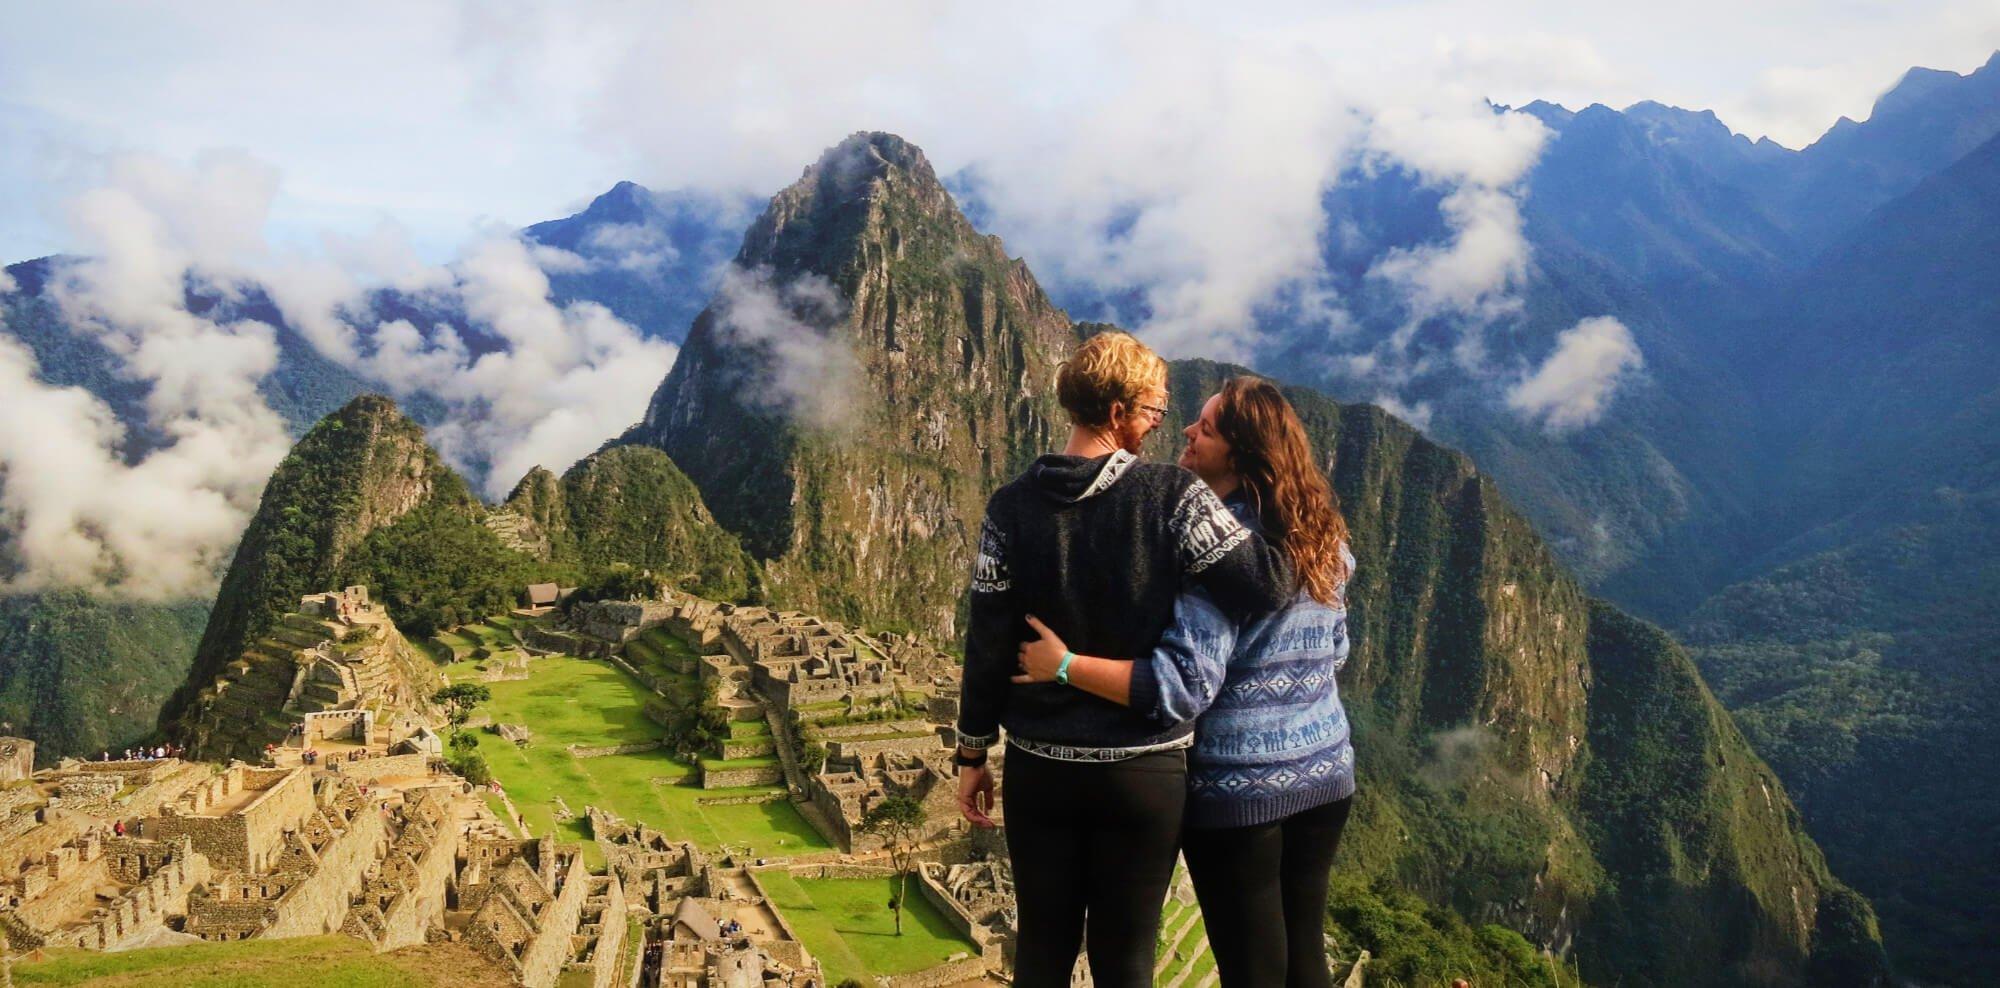 Contemplating our failure on the Inca Trail to Machu Picchu, Peru.